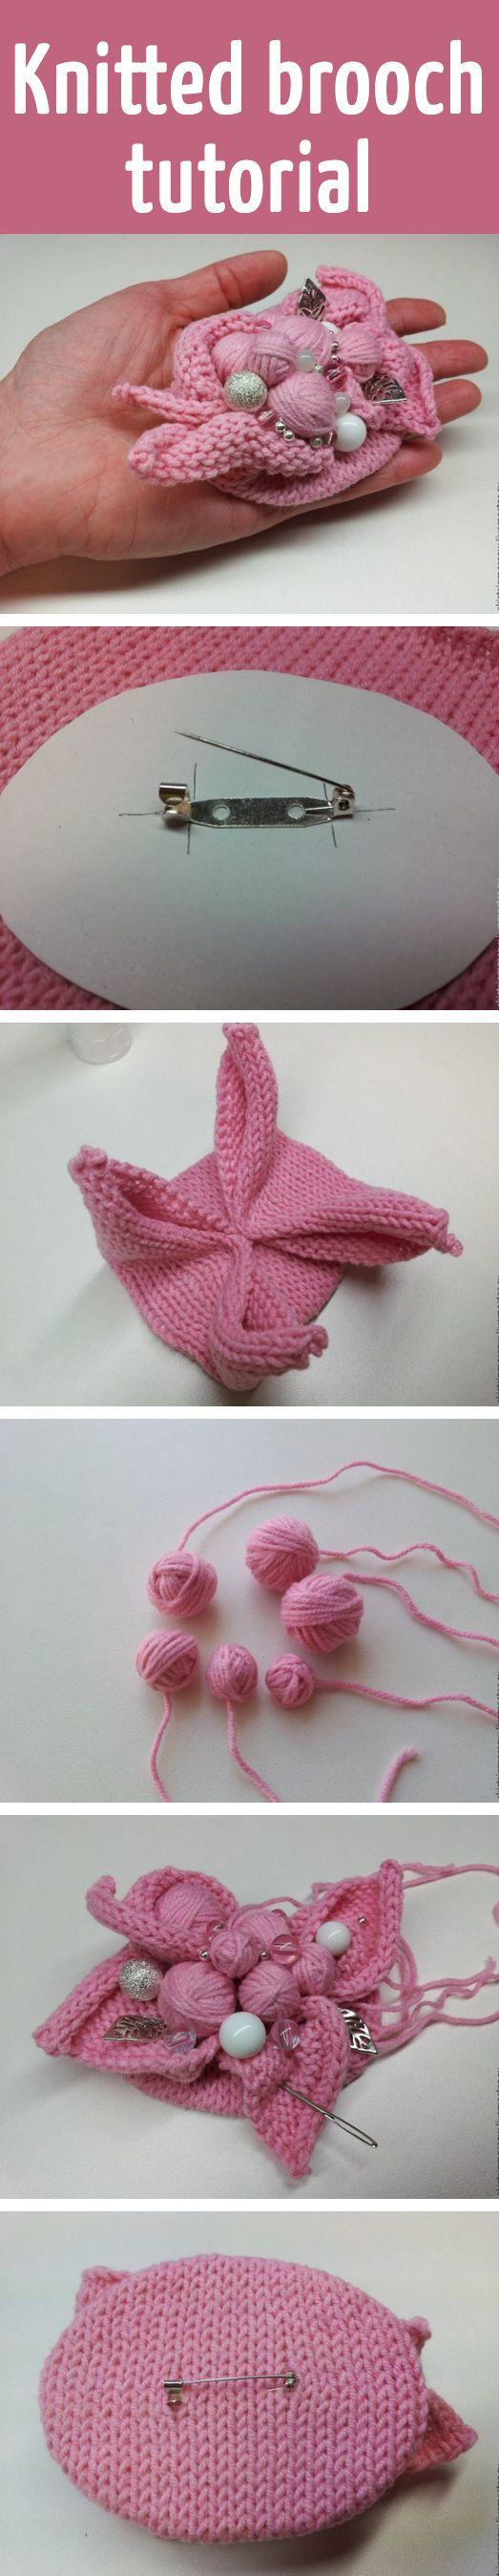 Knitted brooch tutorial